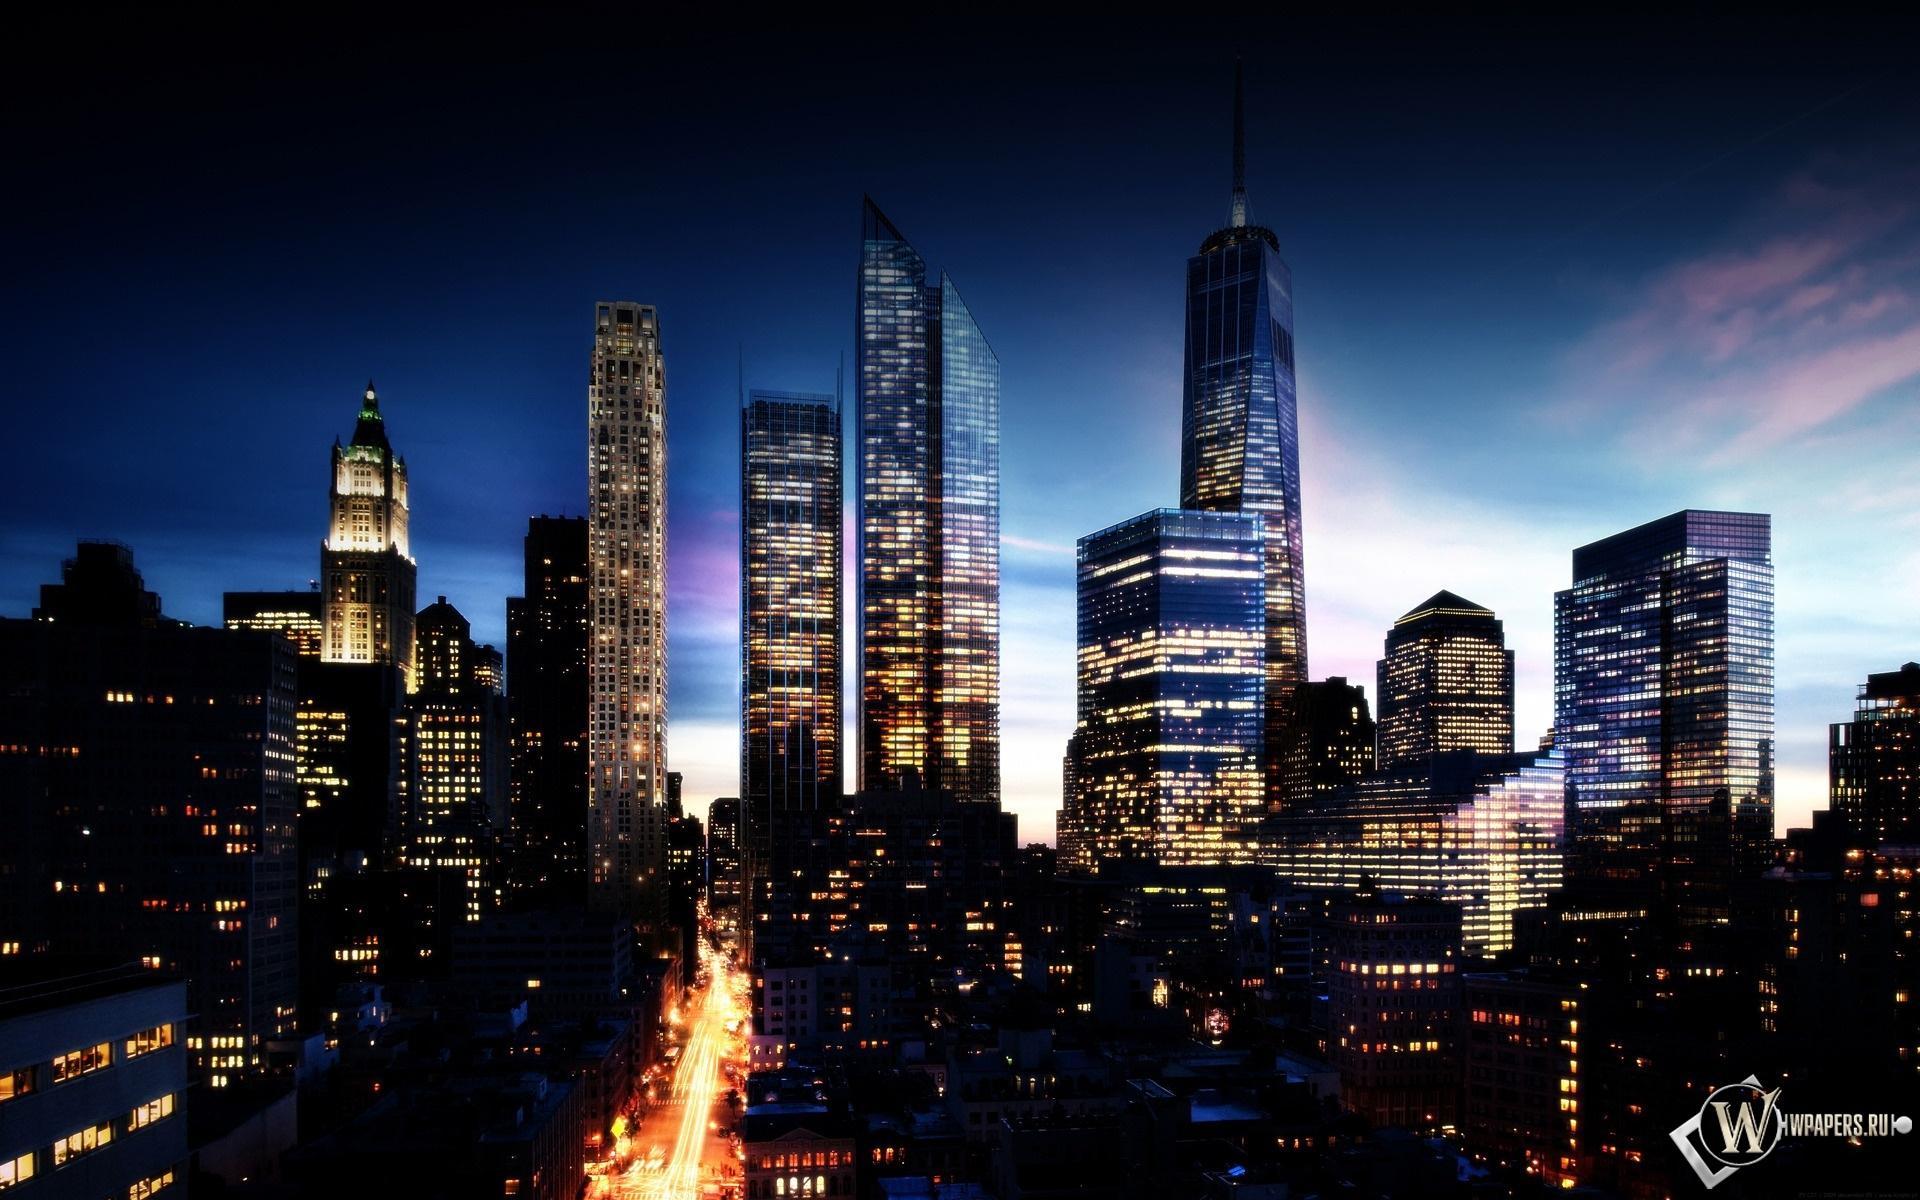 Манхэттен в будущем 1920x1200